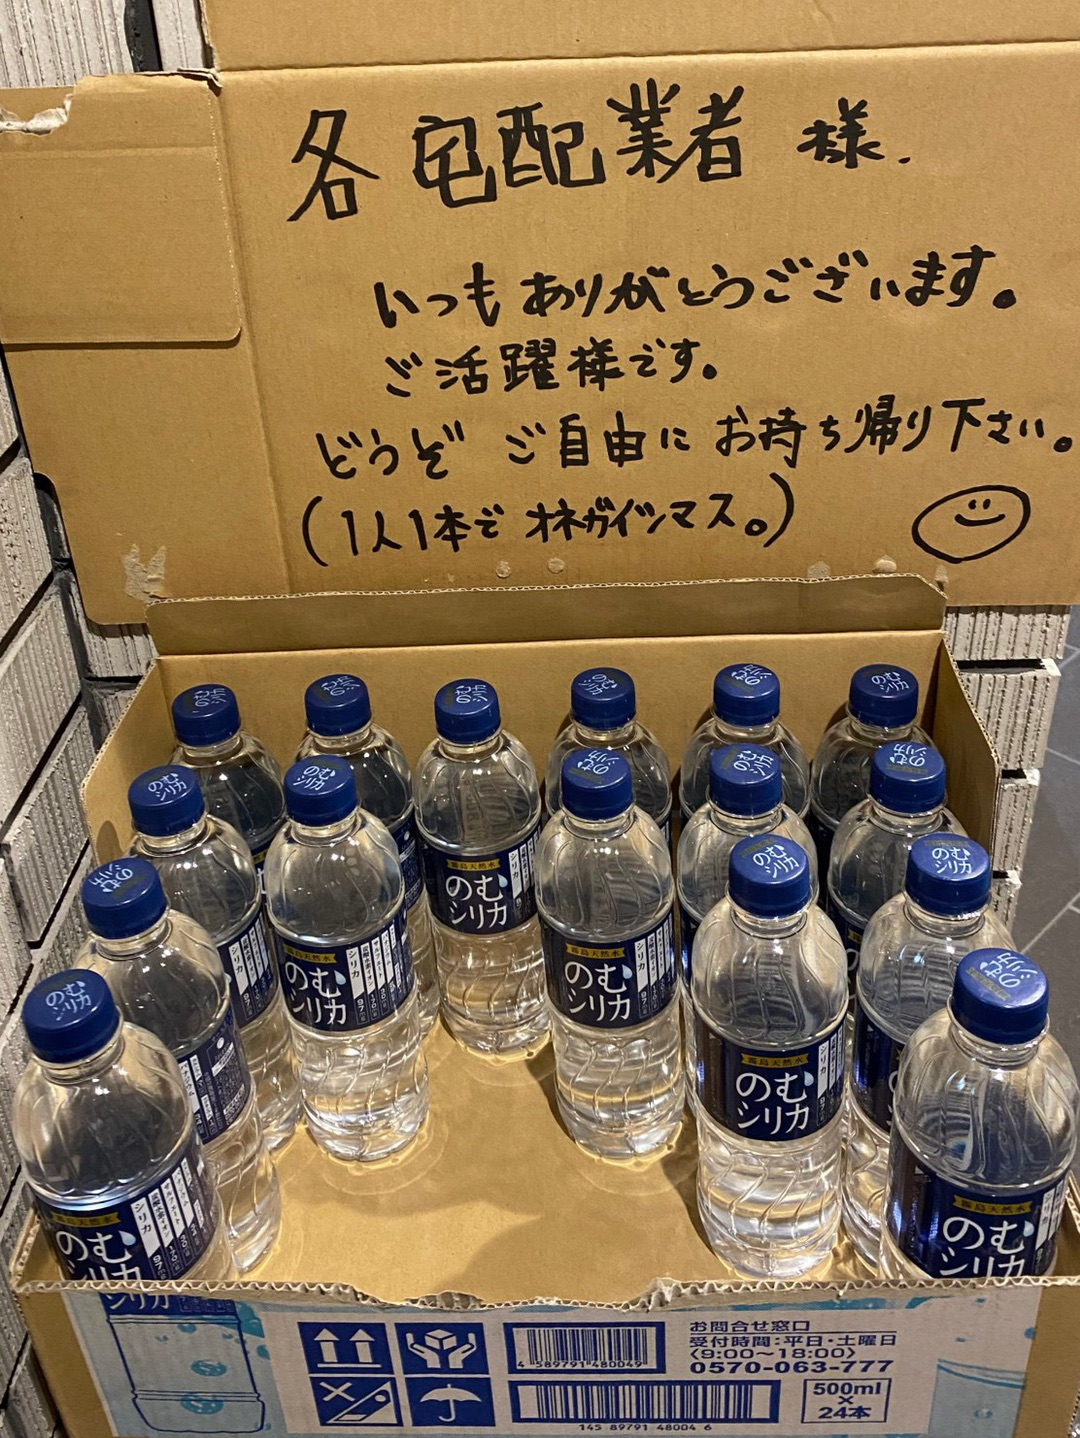 【俳優】窪塚洋介、宅配業者のために玄関に大量の水ボトル「どうぞご自由に」 妻PINKY「主人の優しさ」  [muffin★]